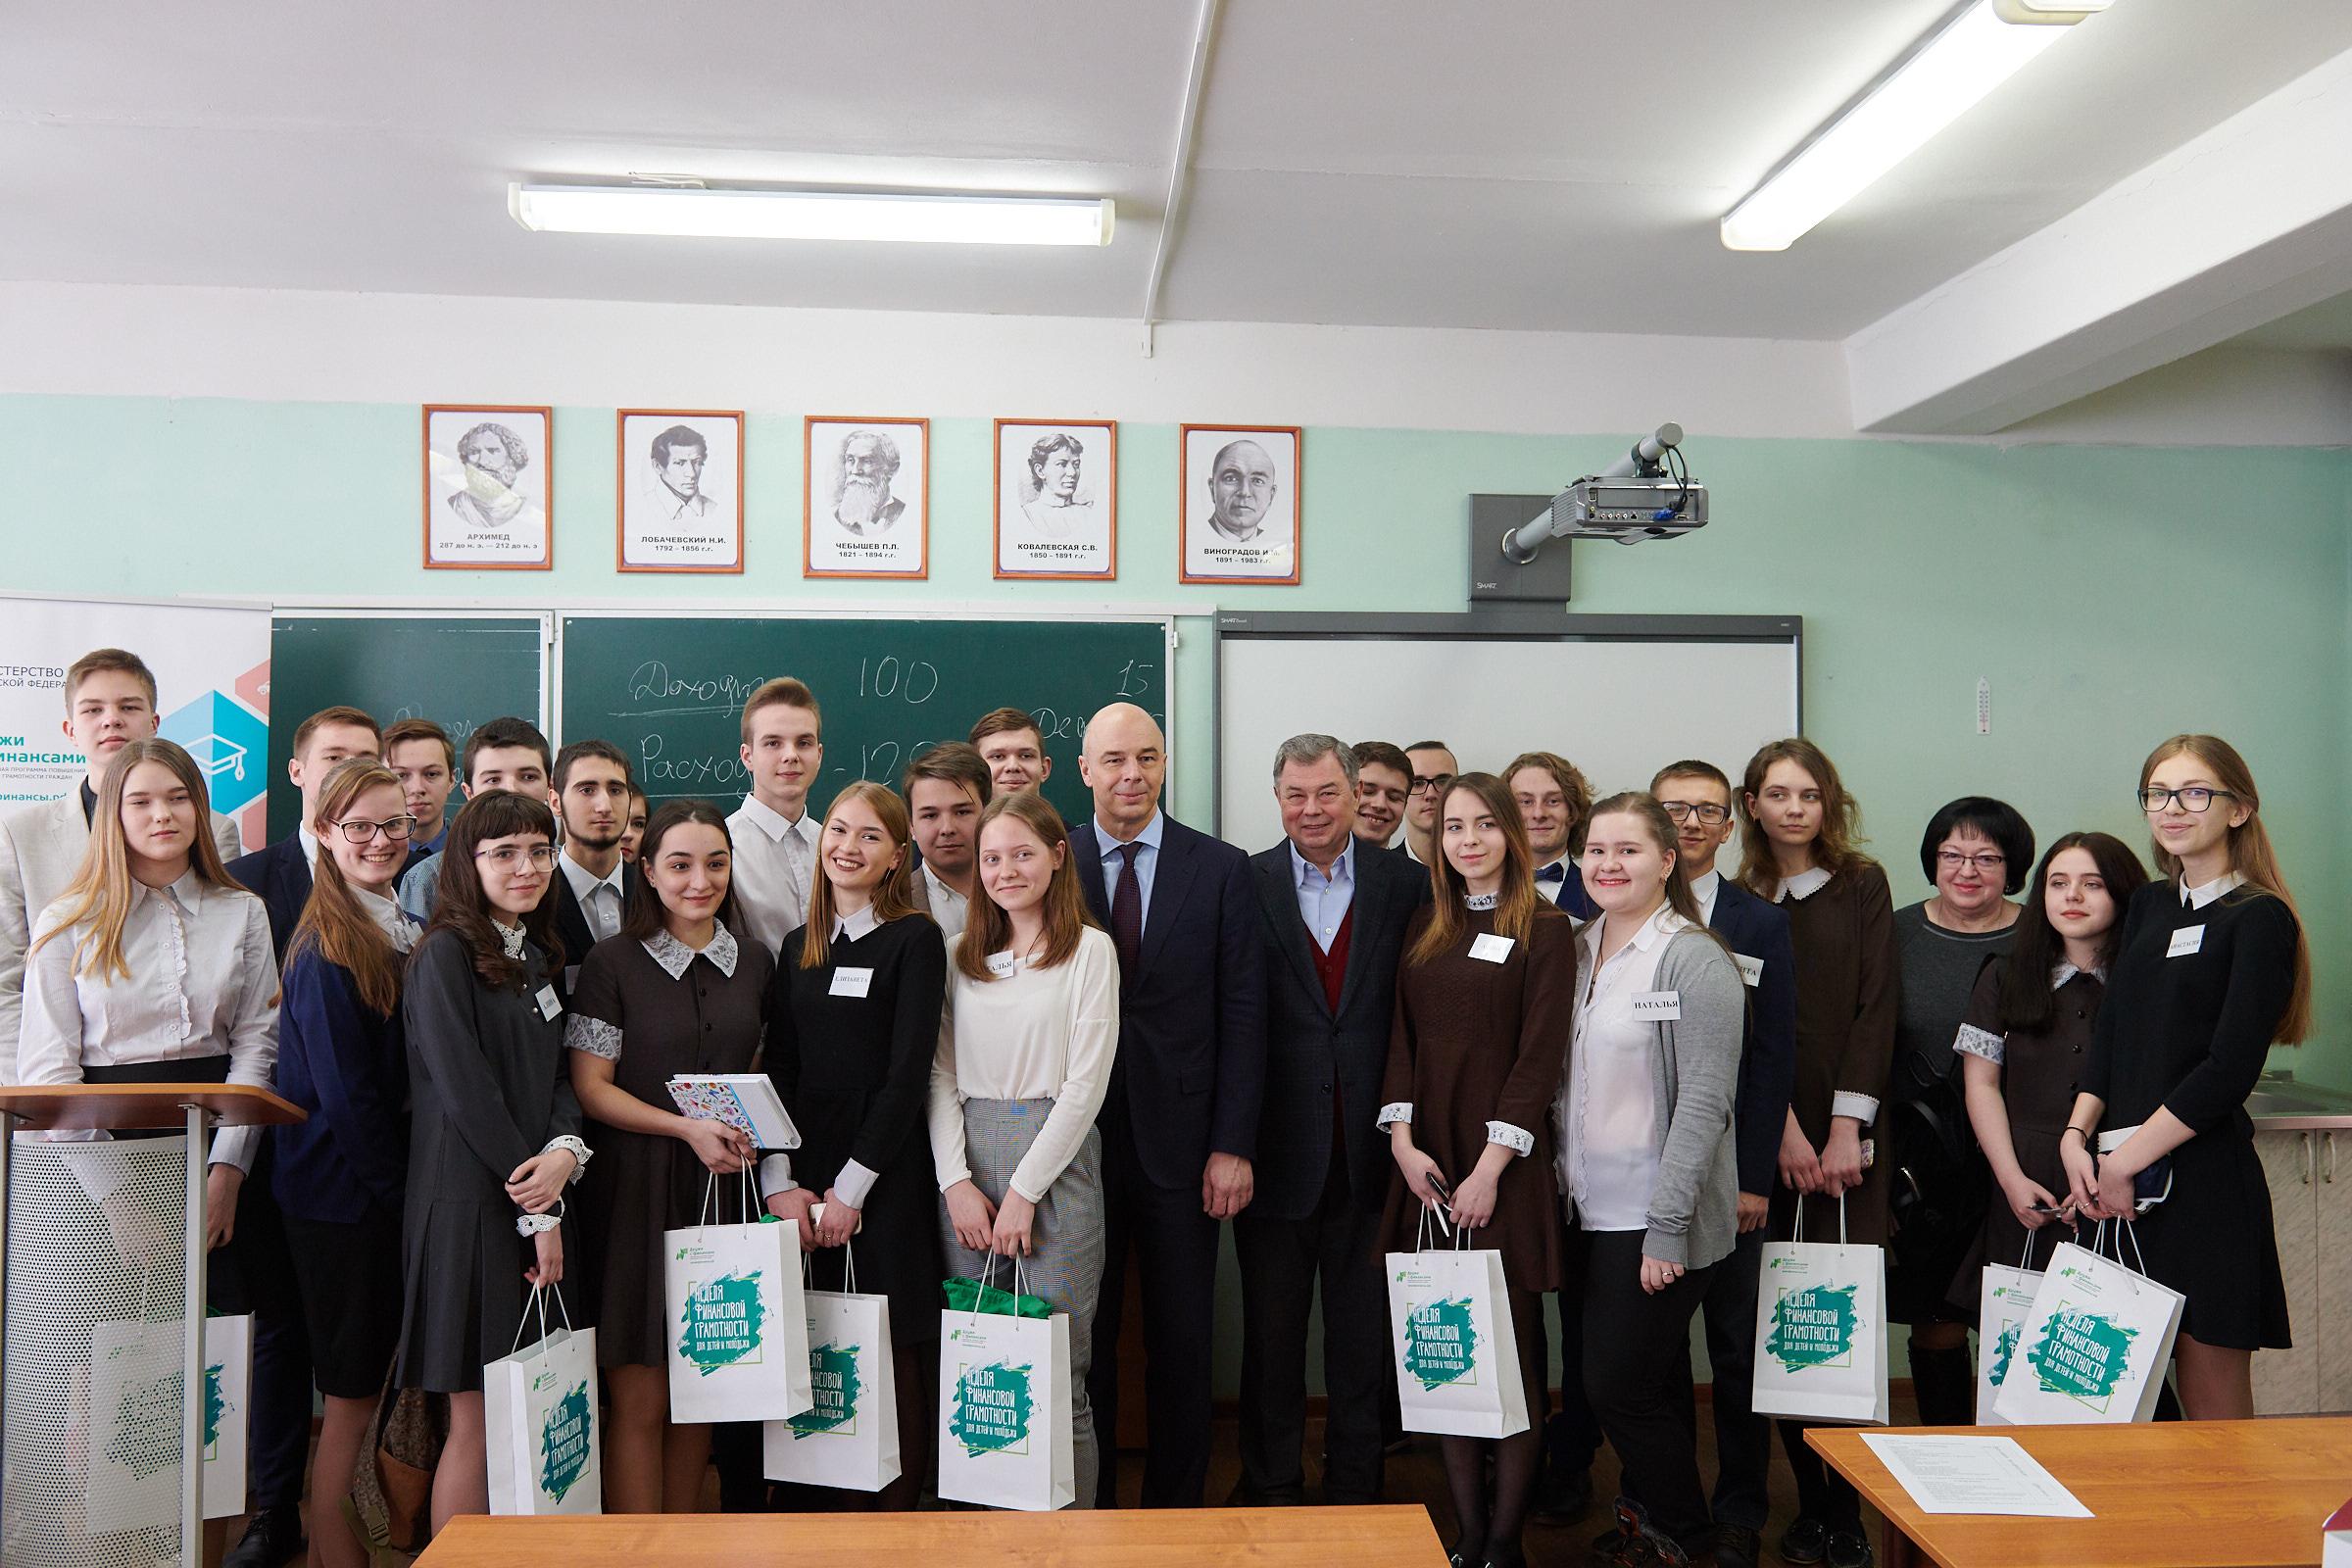 Урок финансовой грамотности для школьников Боровского района провели Антон Силуанов и Анатолий Артамонов